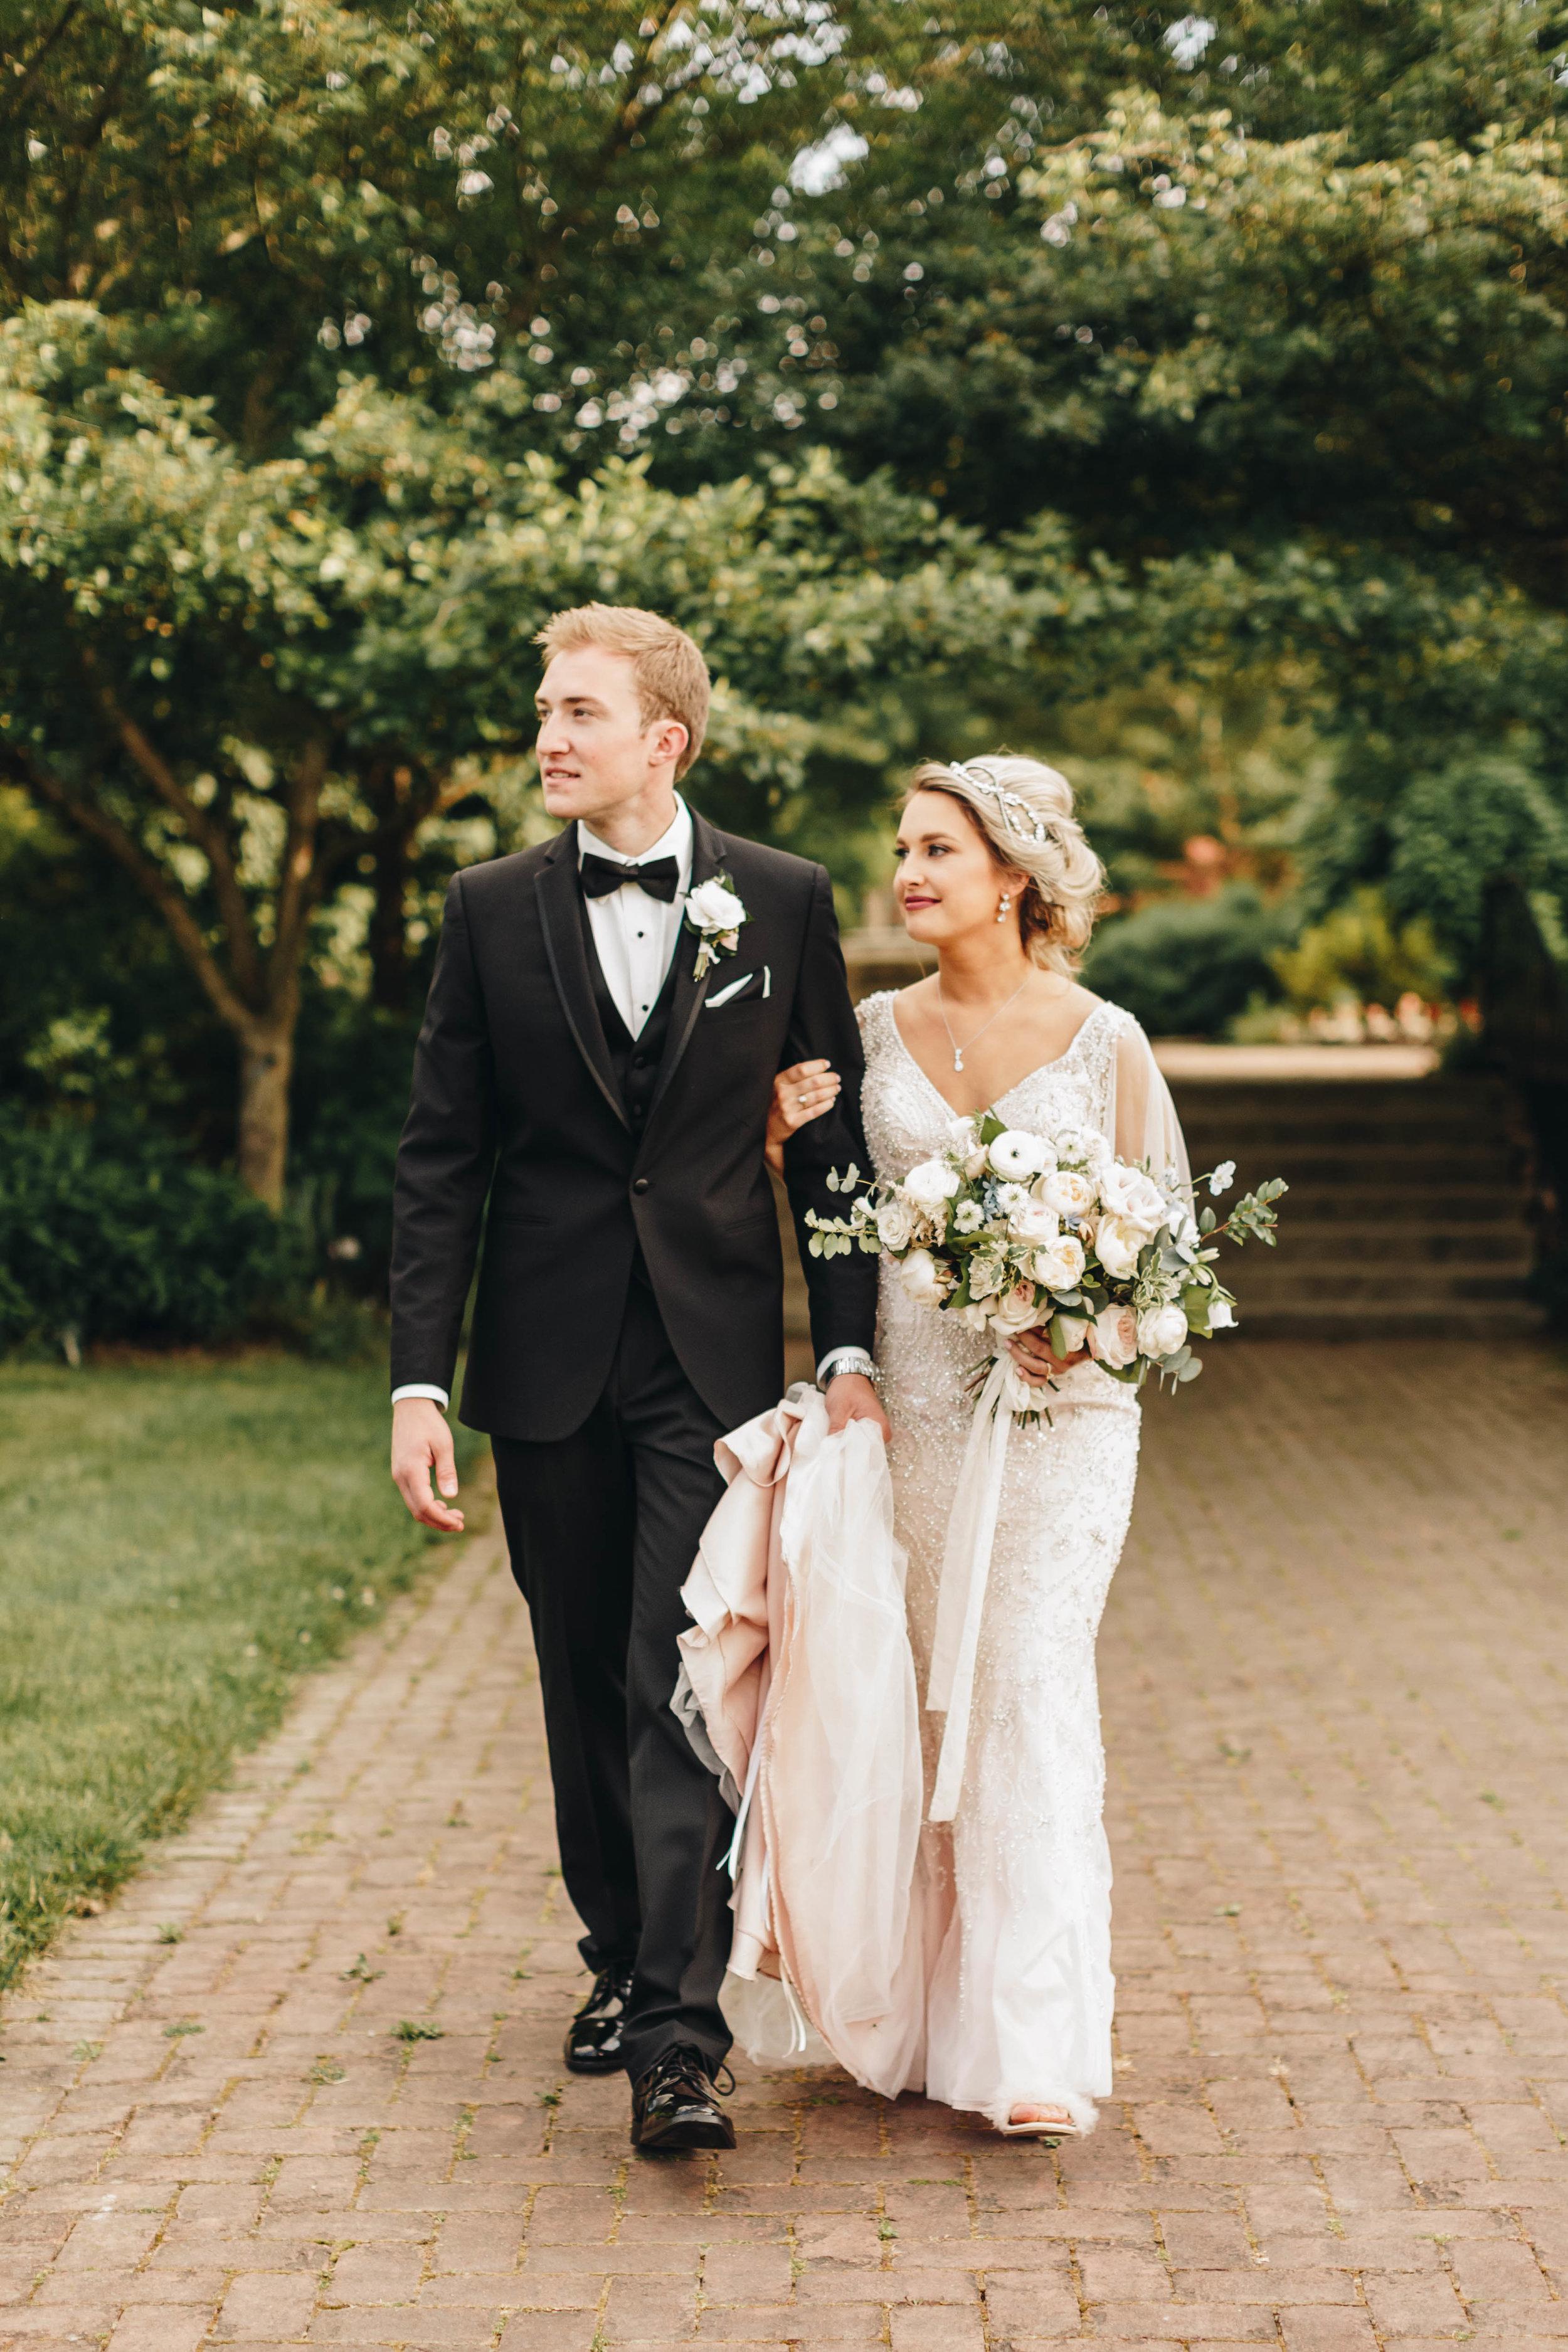 Cincinnati+wedding+photographer-54.jpeg